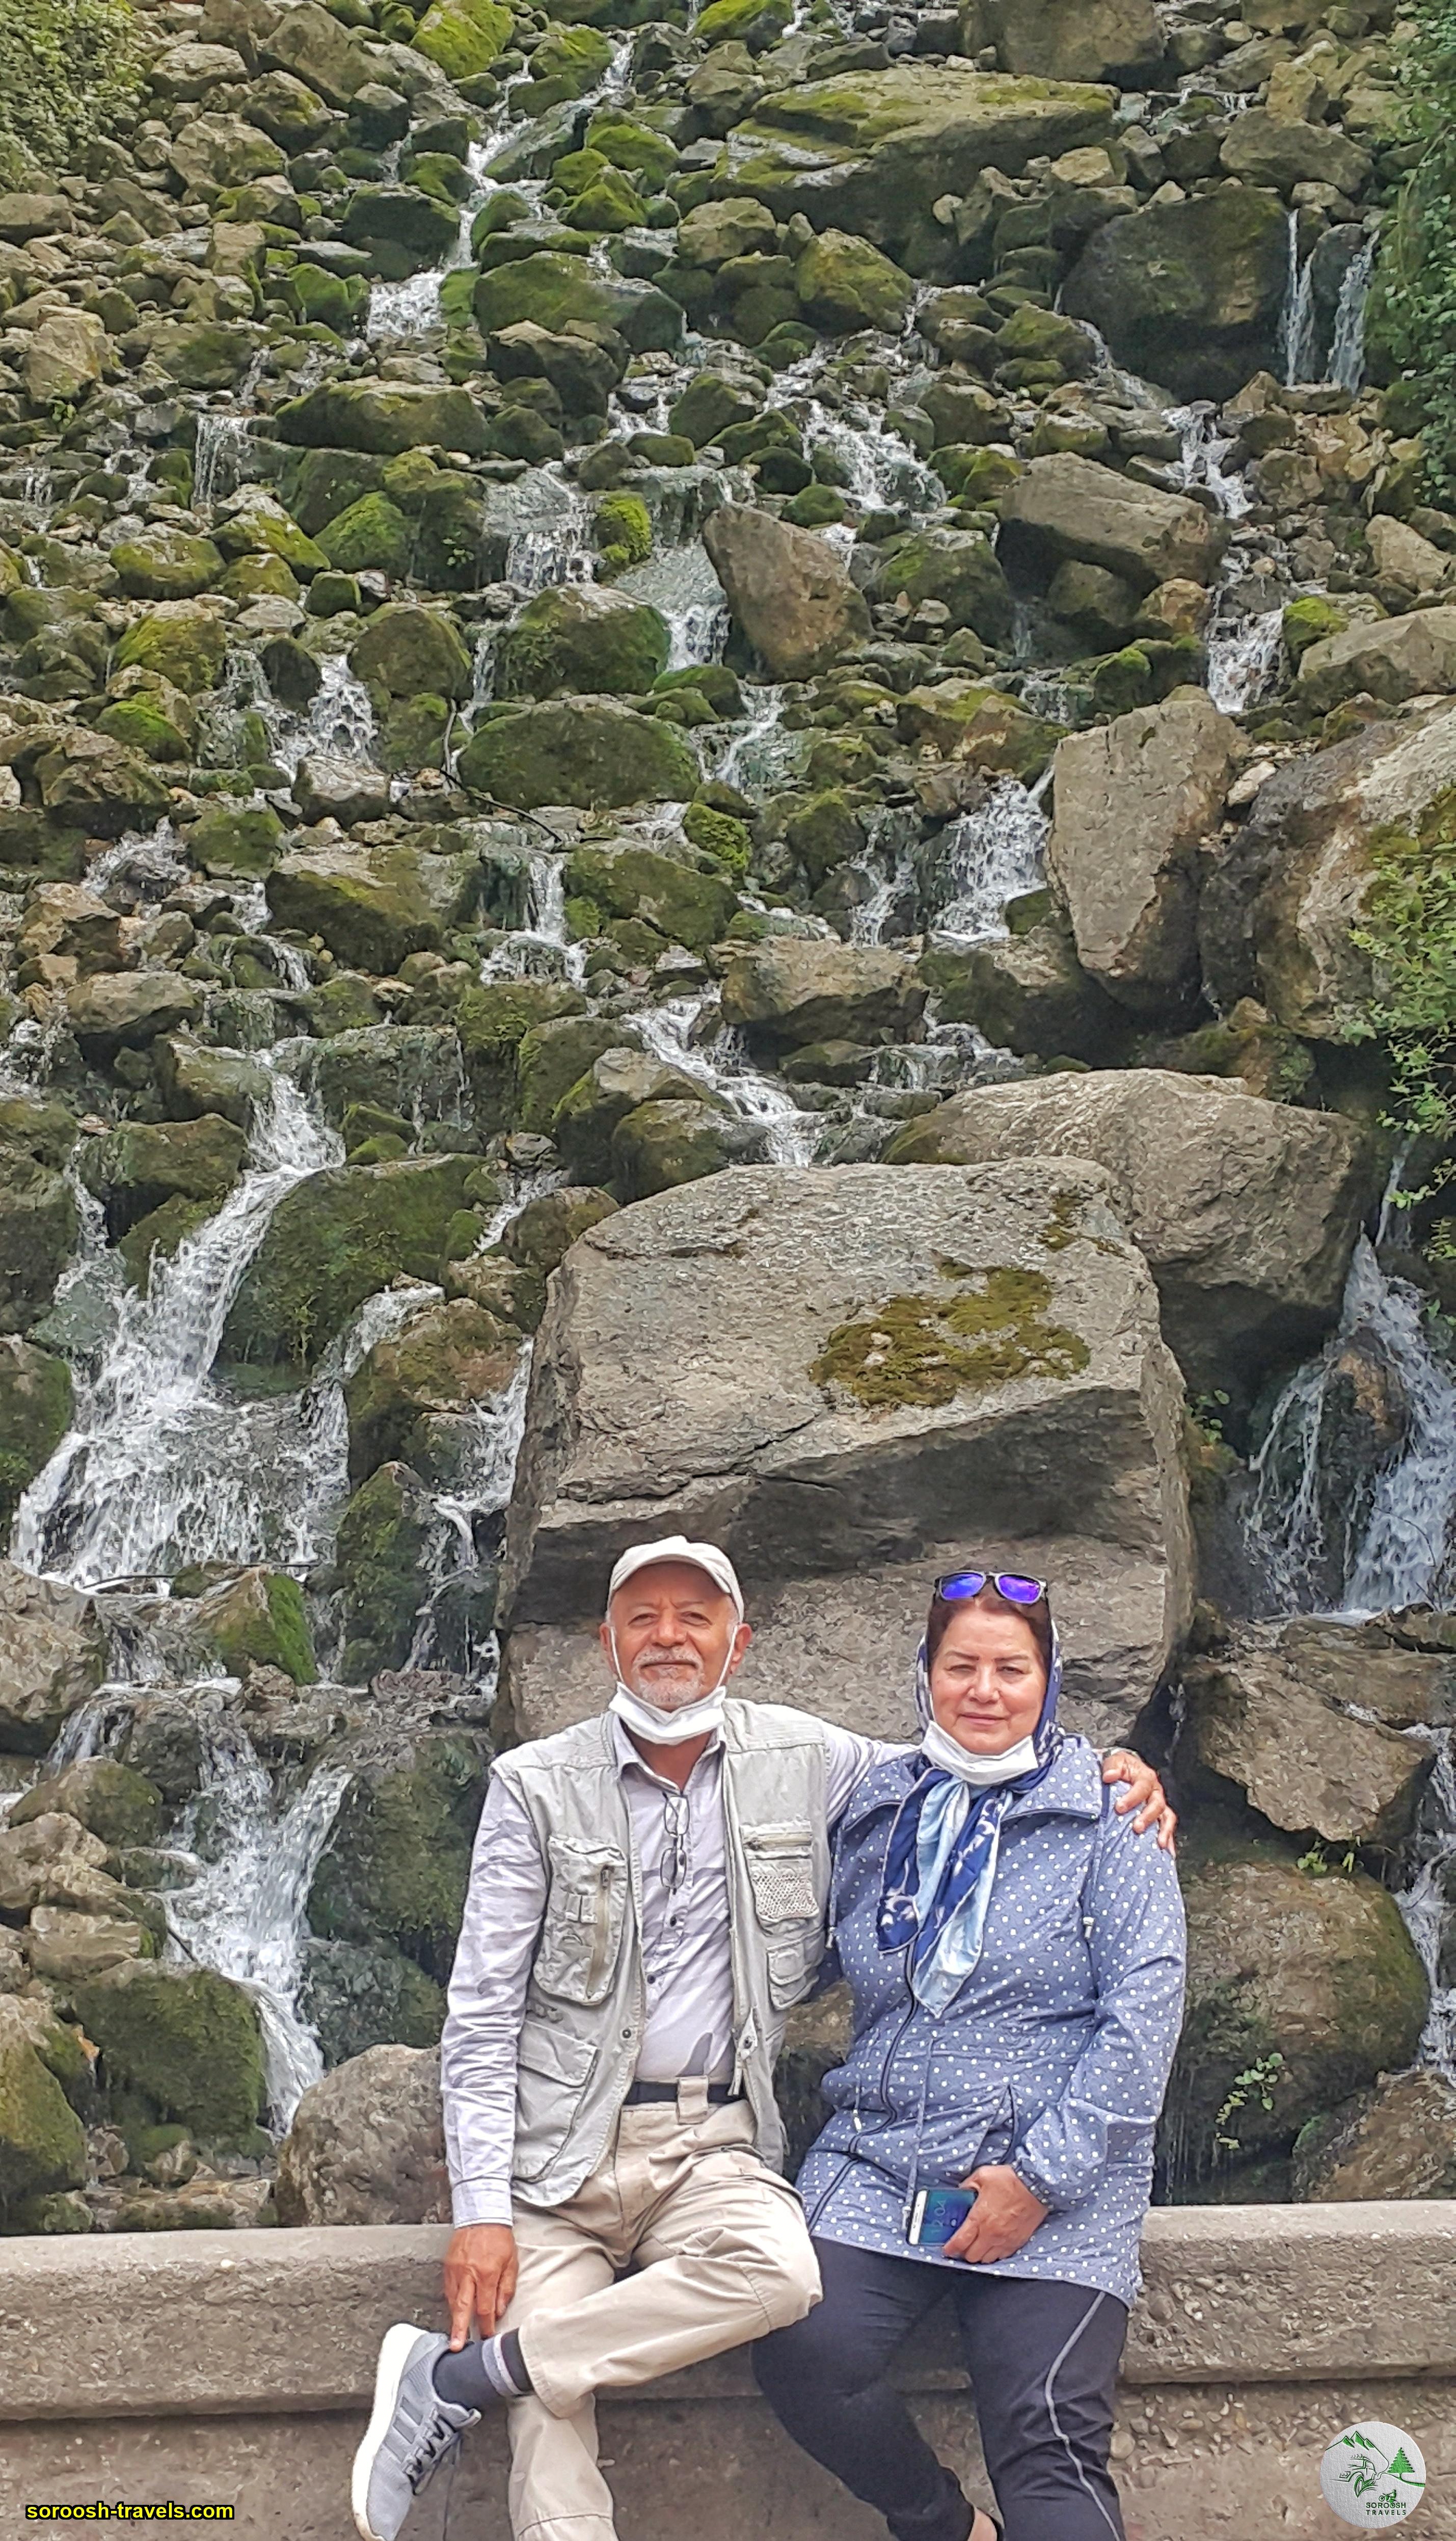 آبشار آب پری در مسیر رویان به کجور - نوروز 1400